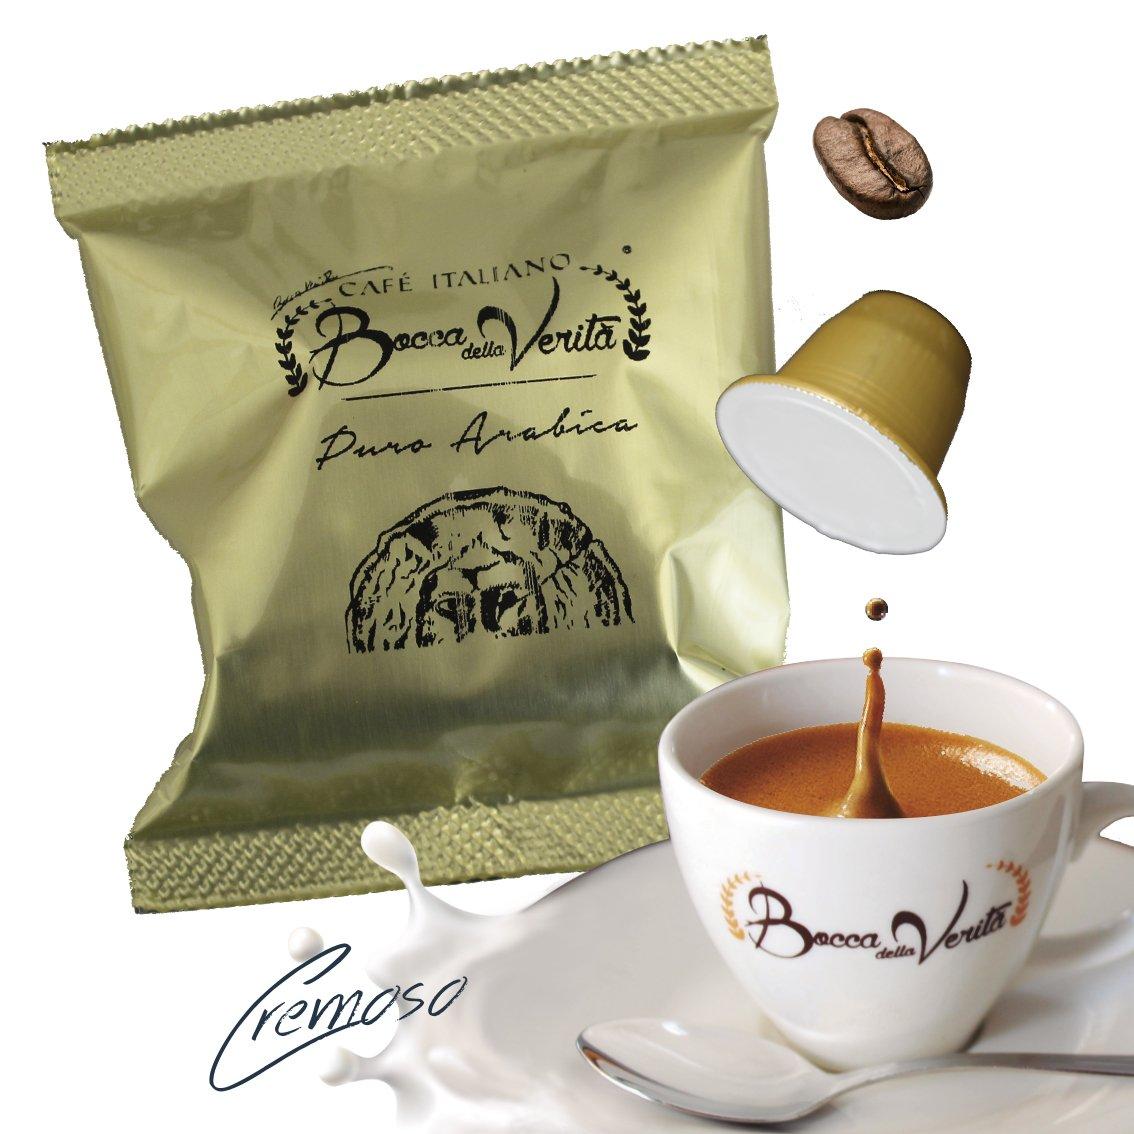 Café cápsula CREMOSO - Nespresso compatible - 100 Cápsulas Bocca Della Veritá - 100% Café Italiano: Amazon.es: Alimentación y bebidas